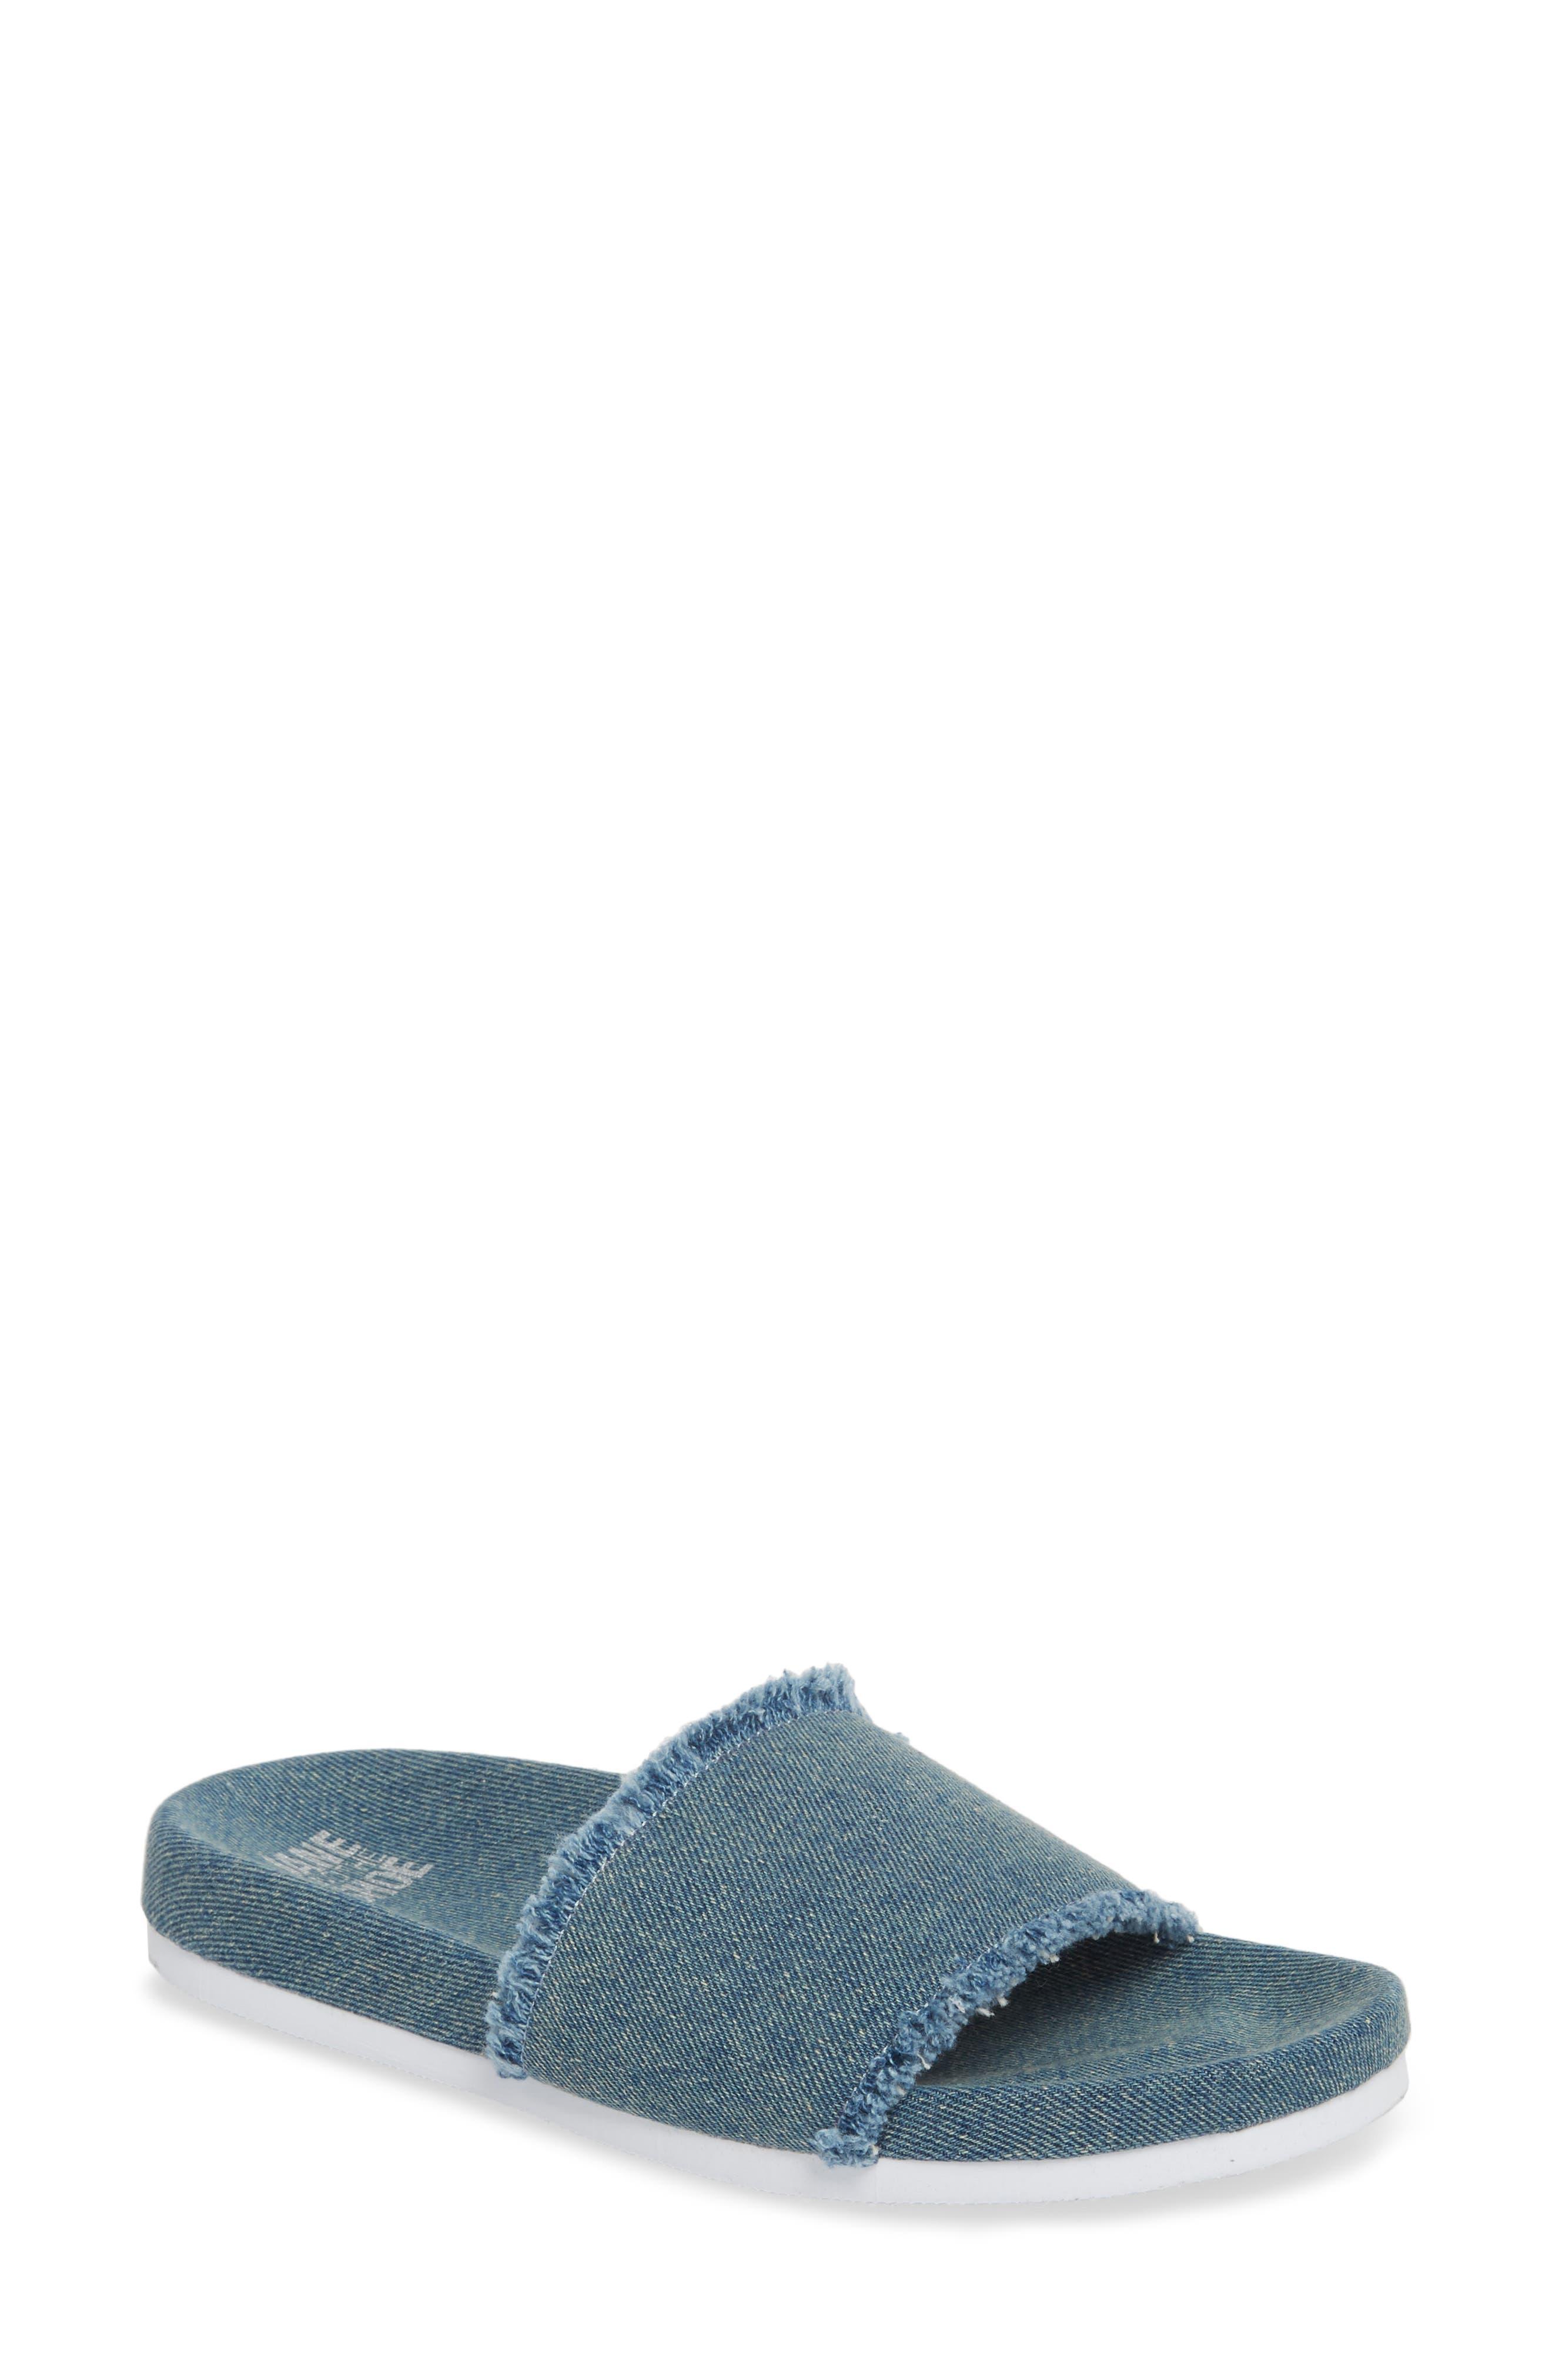 Kelsey Frayed Edge Slide Sandal,                         Main,                         color, Denim